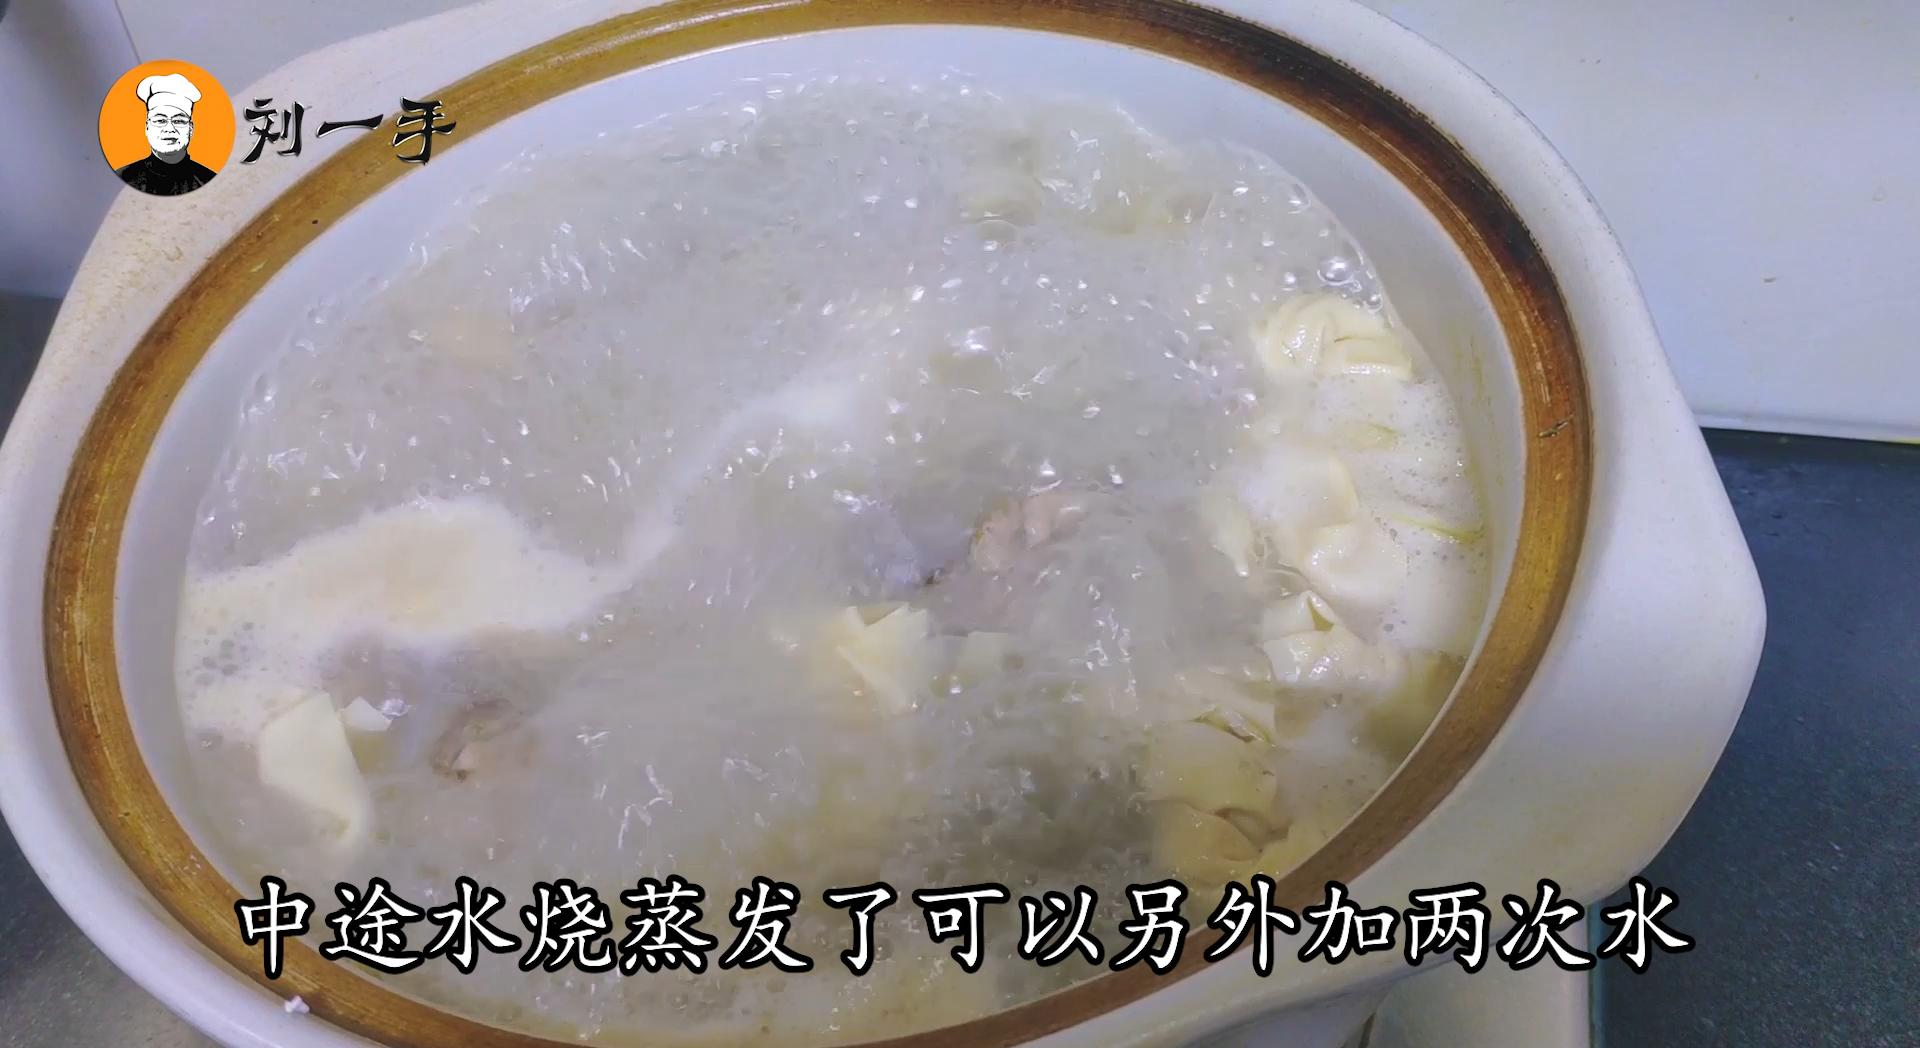 """上海特色菜""""腌笃鲜""""的正确做法,咸香鲜美 苏菜 第7张"""